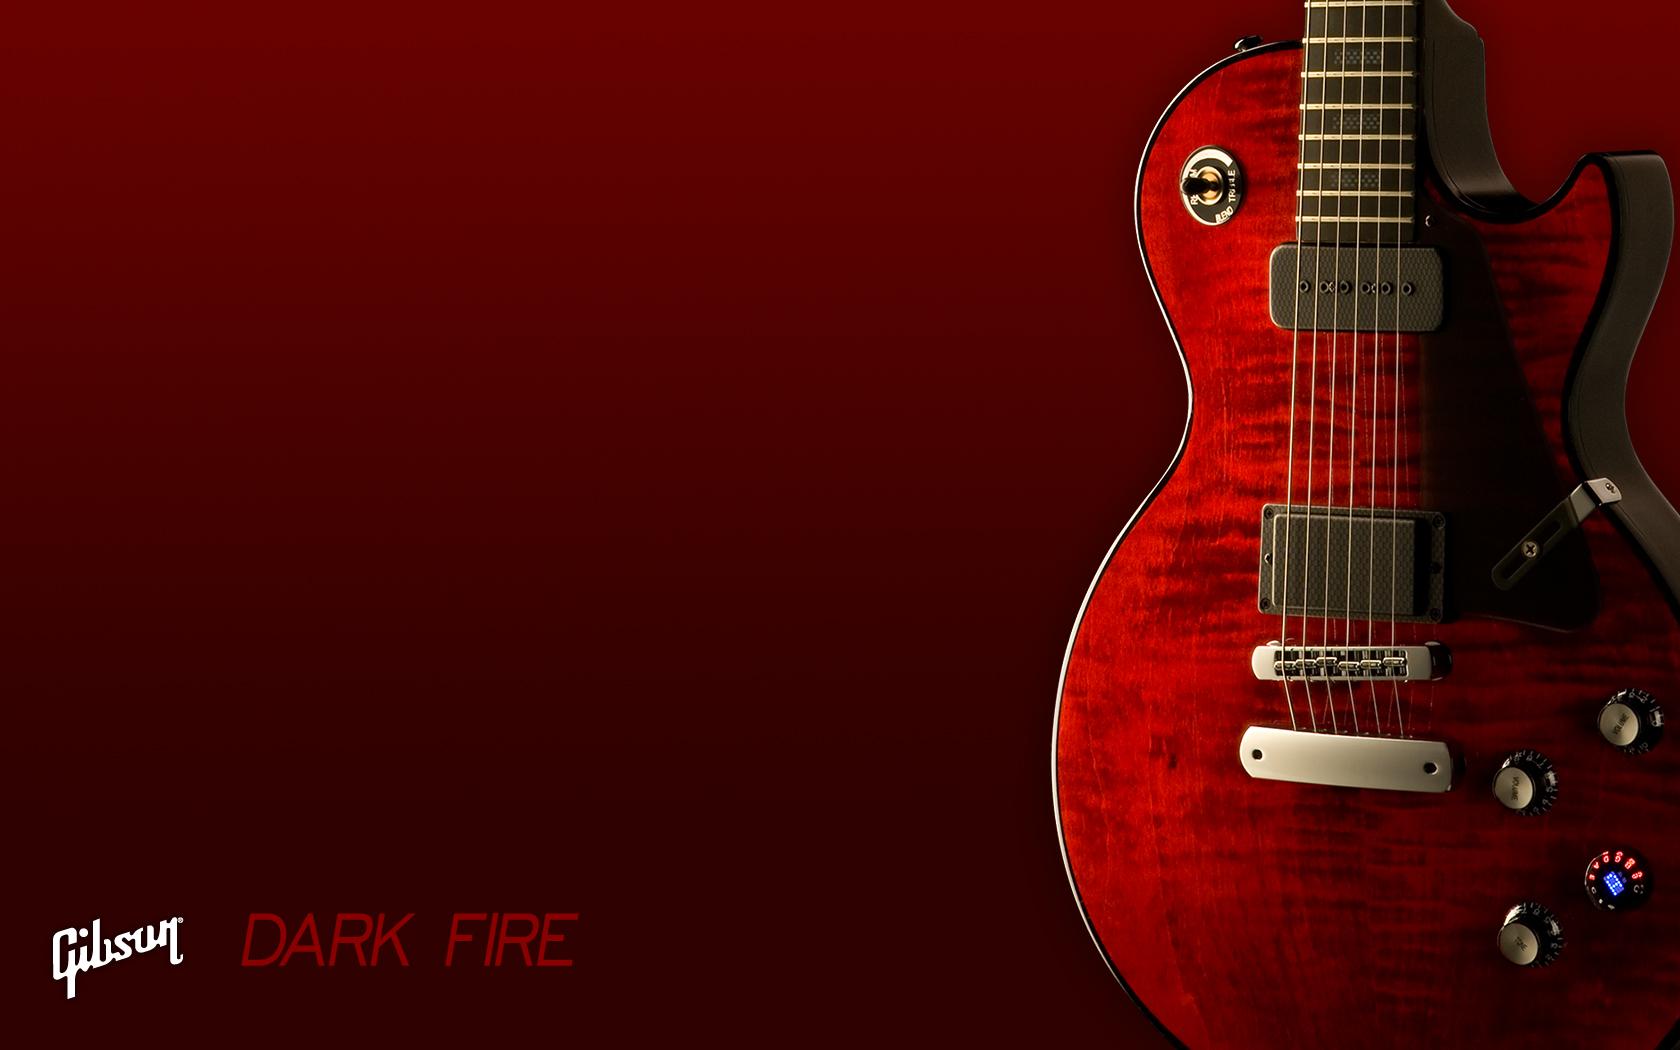 Gibson wallpaper wallpapersafari - Epiphone les paul wallpaper ...